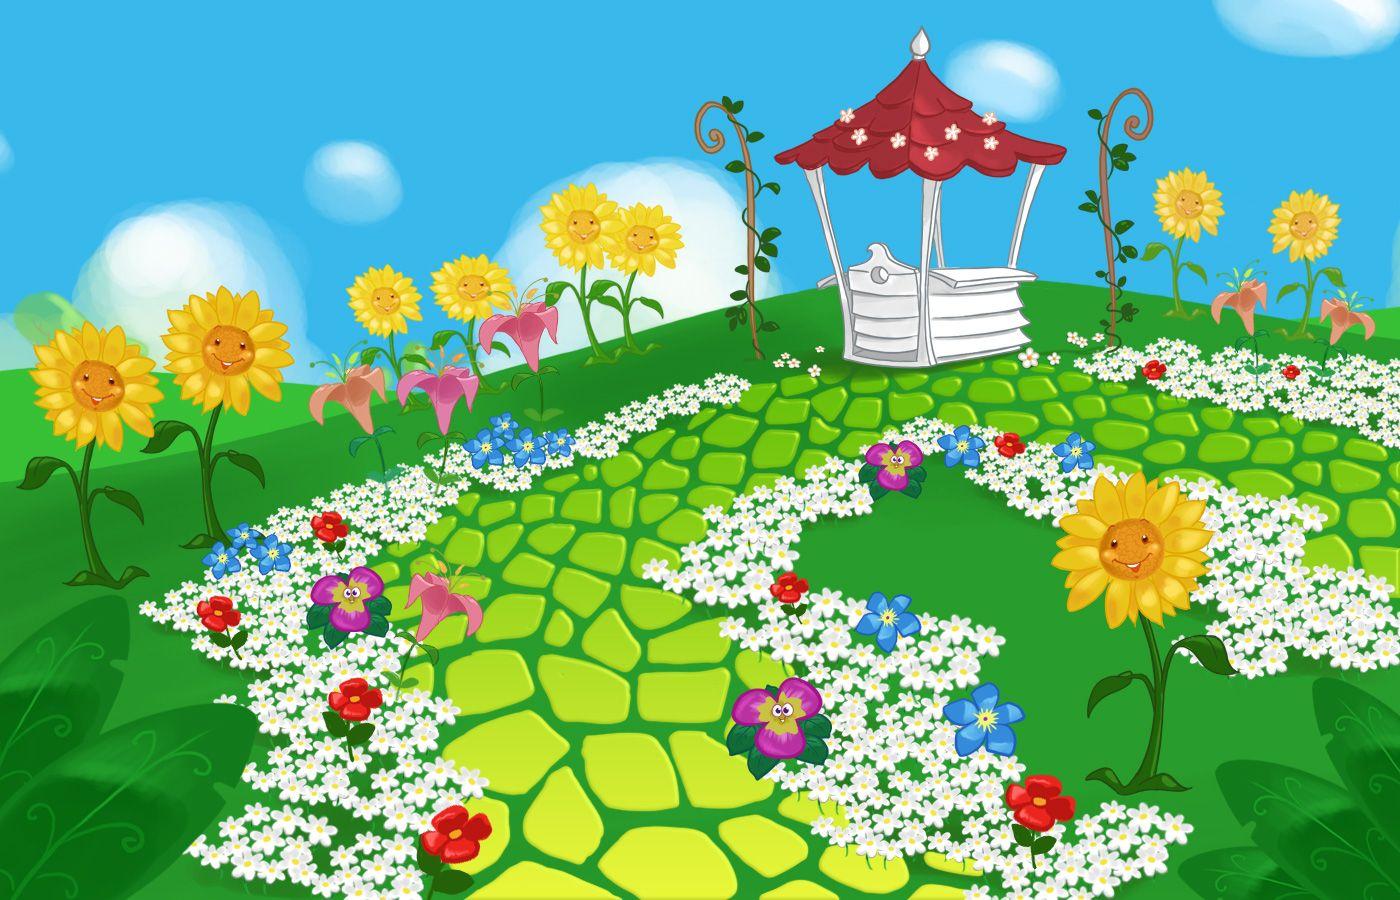 Картинка для детей цветник